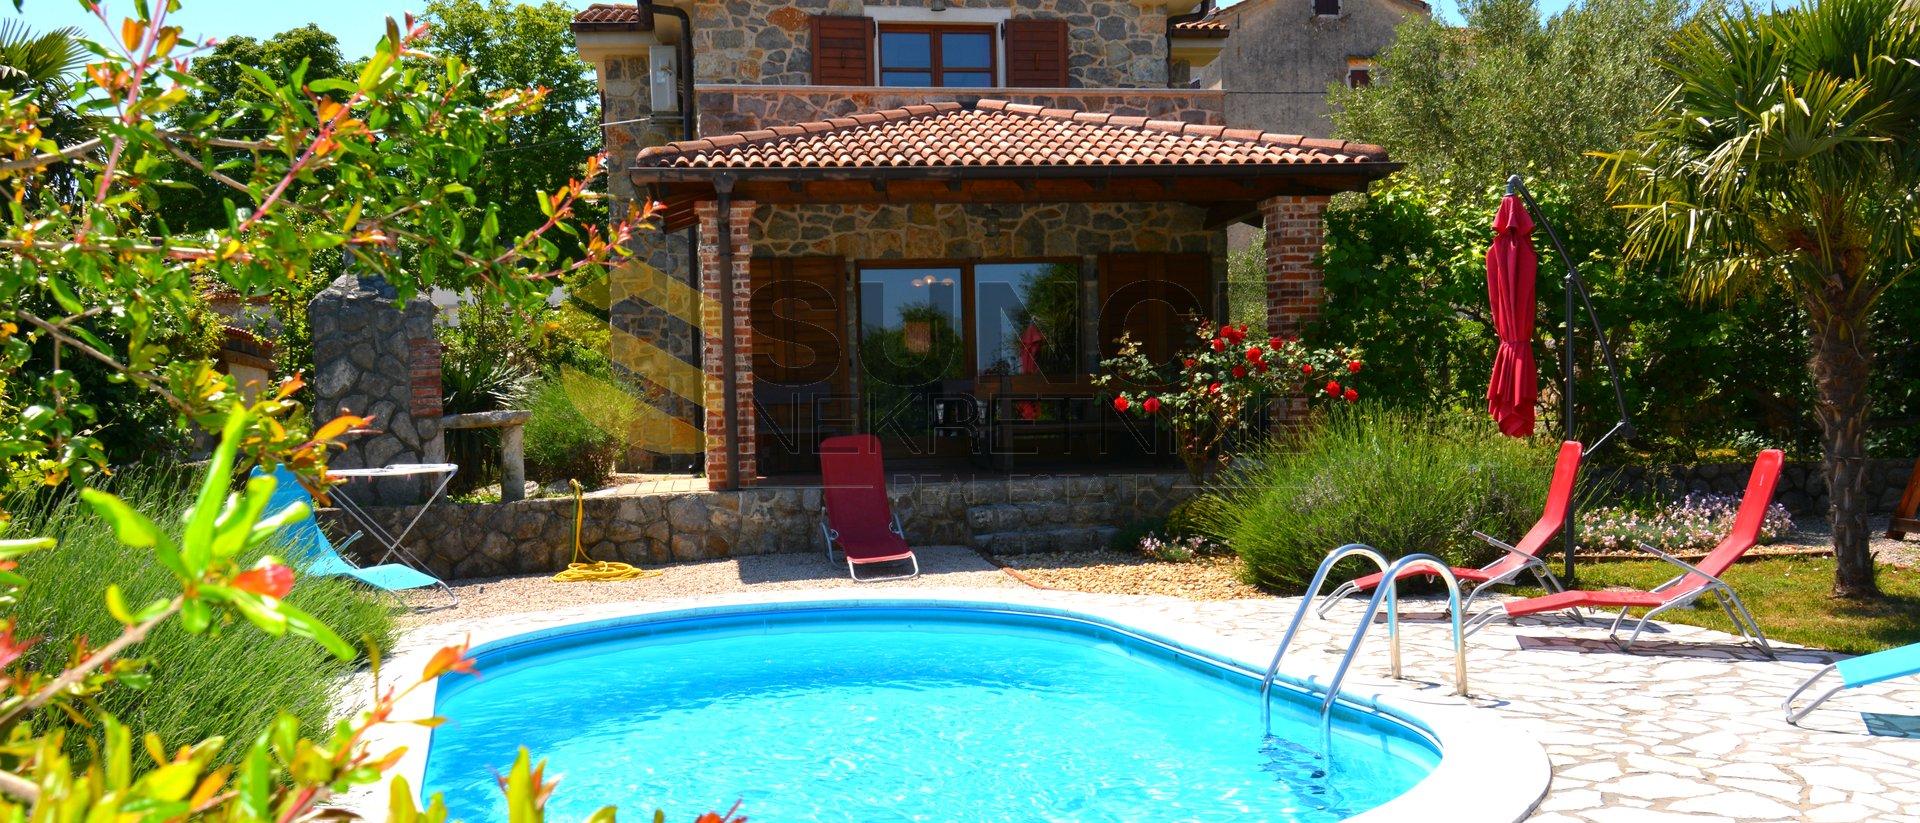 L'isola di Krk, nuova casa in pietra con una bellissima vista sul mare, piscina, giardino paesaggistico!